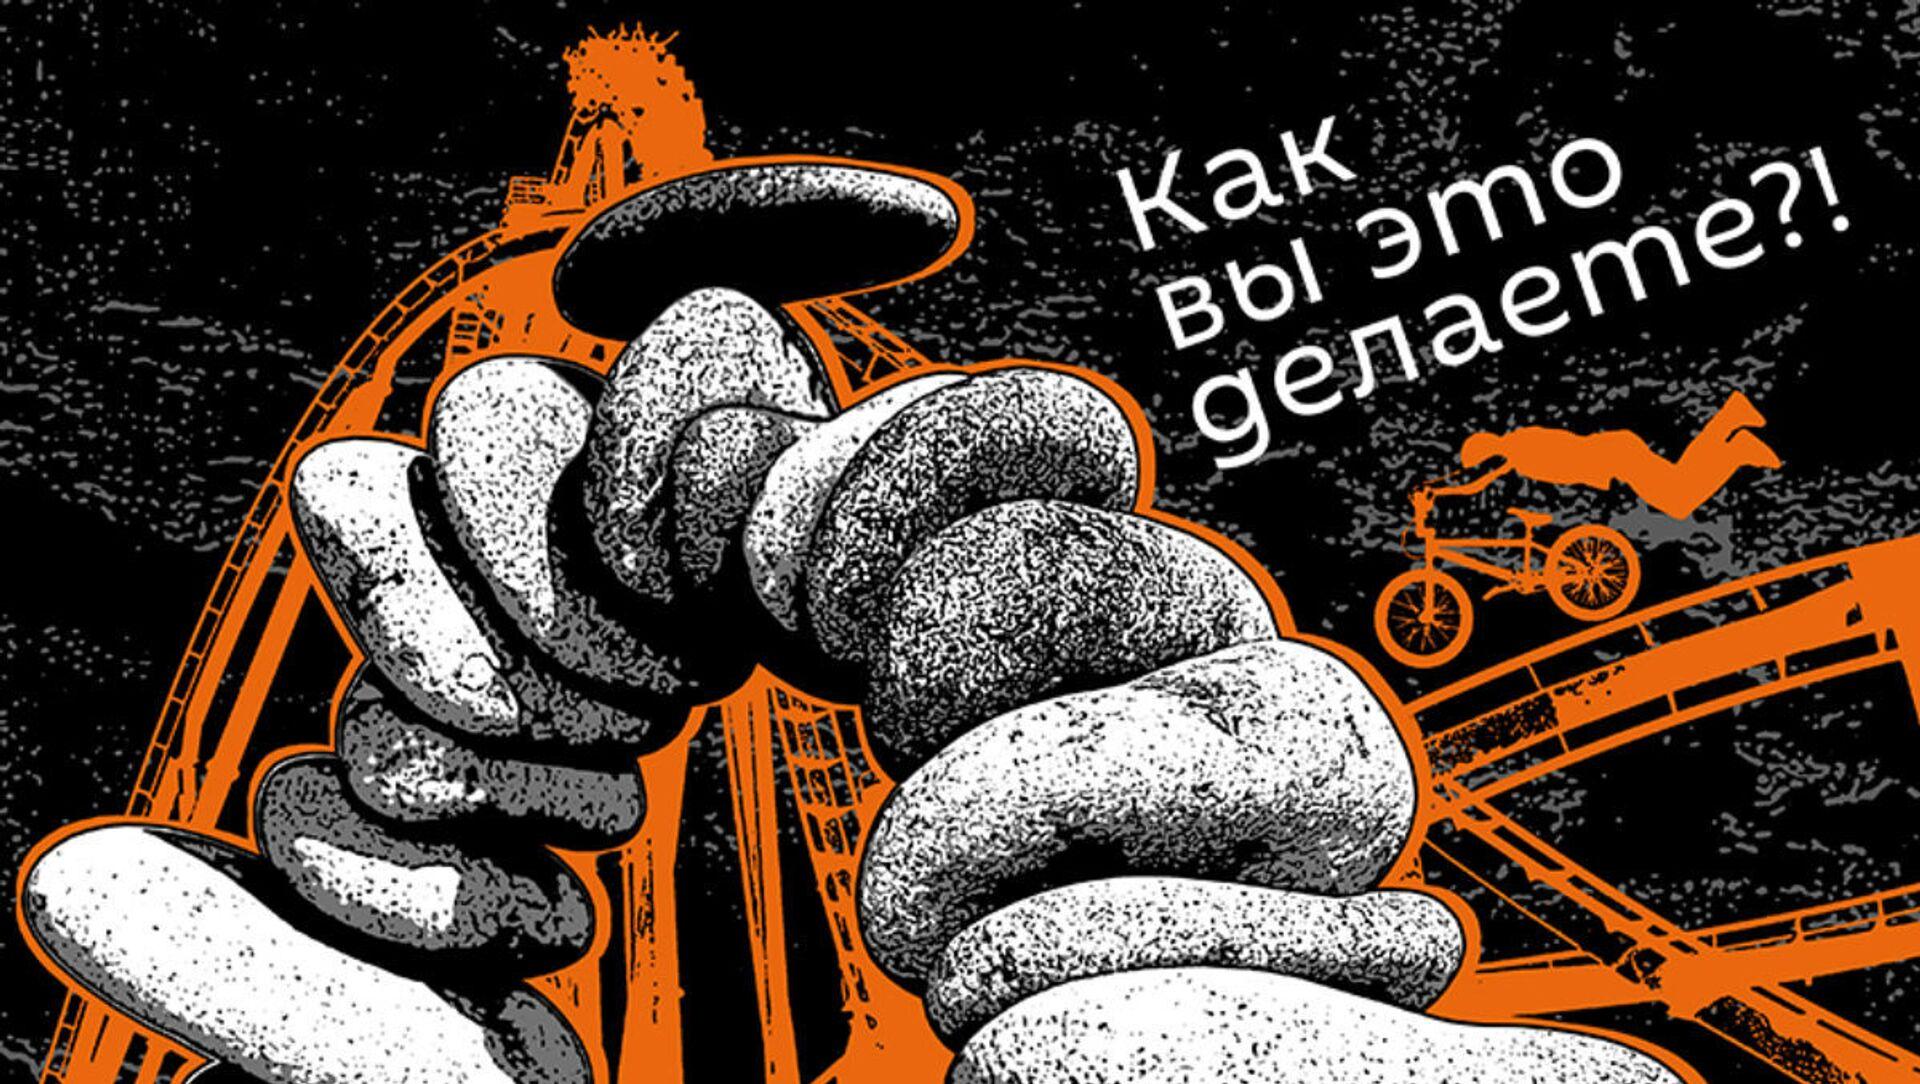 Подкасты РИА Новости Как вы это делаете?! - Sputnik Беларусь, 1920, 25.04.2021